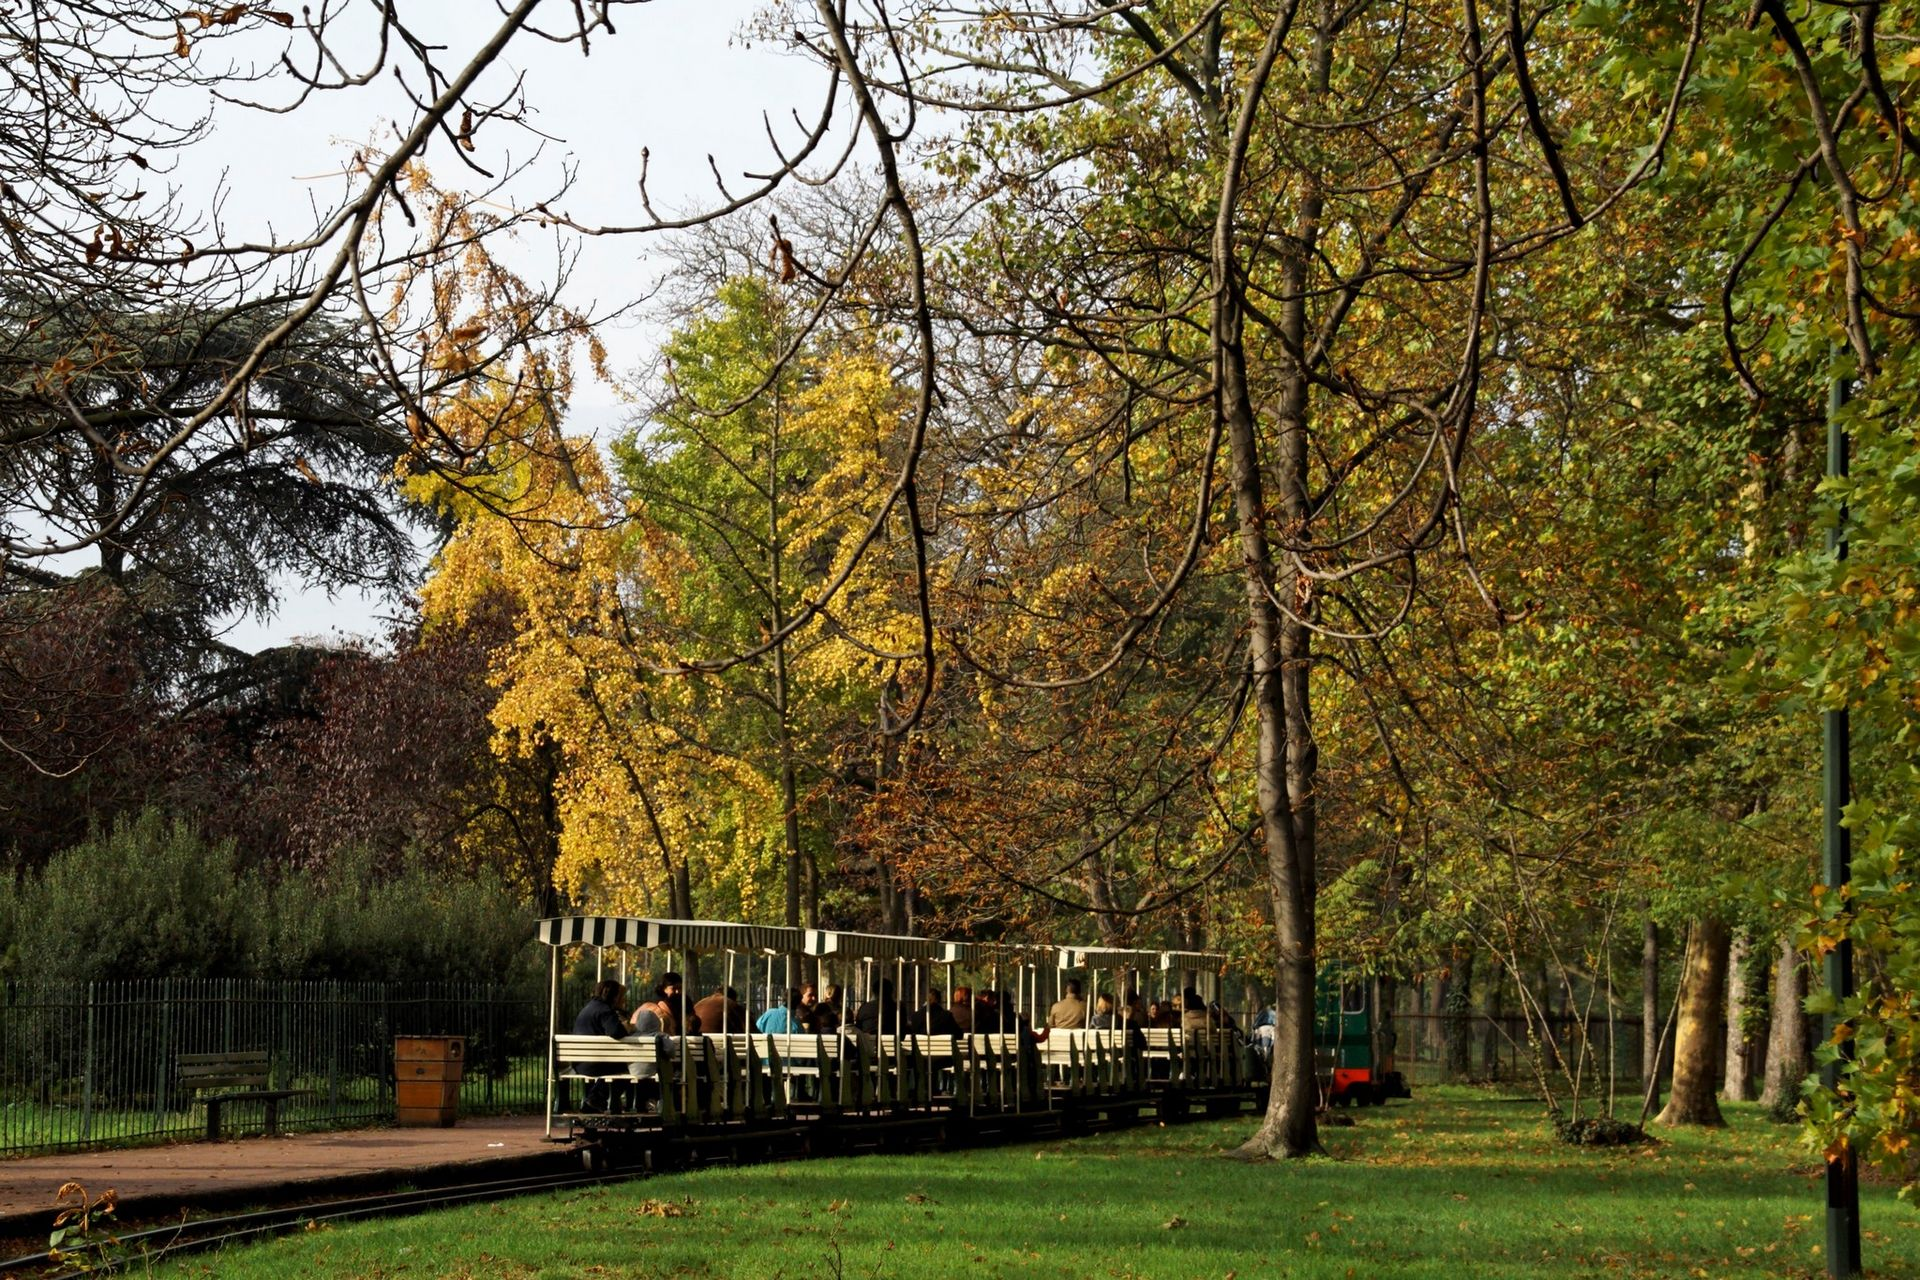 Ligne du jardin d 39 acclimatation wikip dia - Le petit jardin wittenberge colombes ...